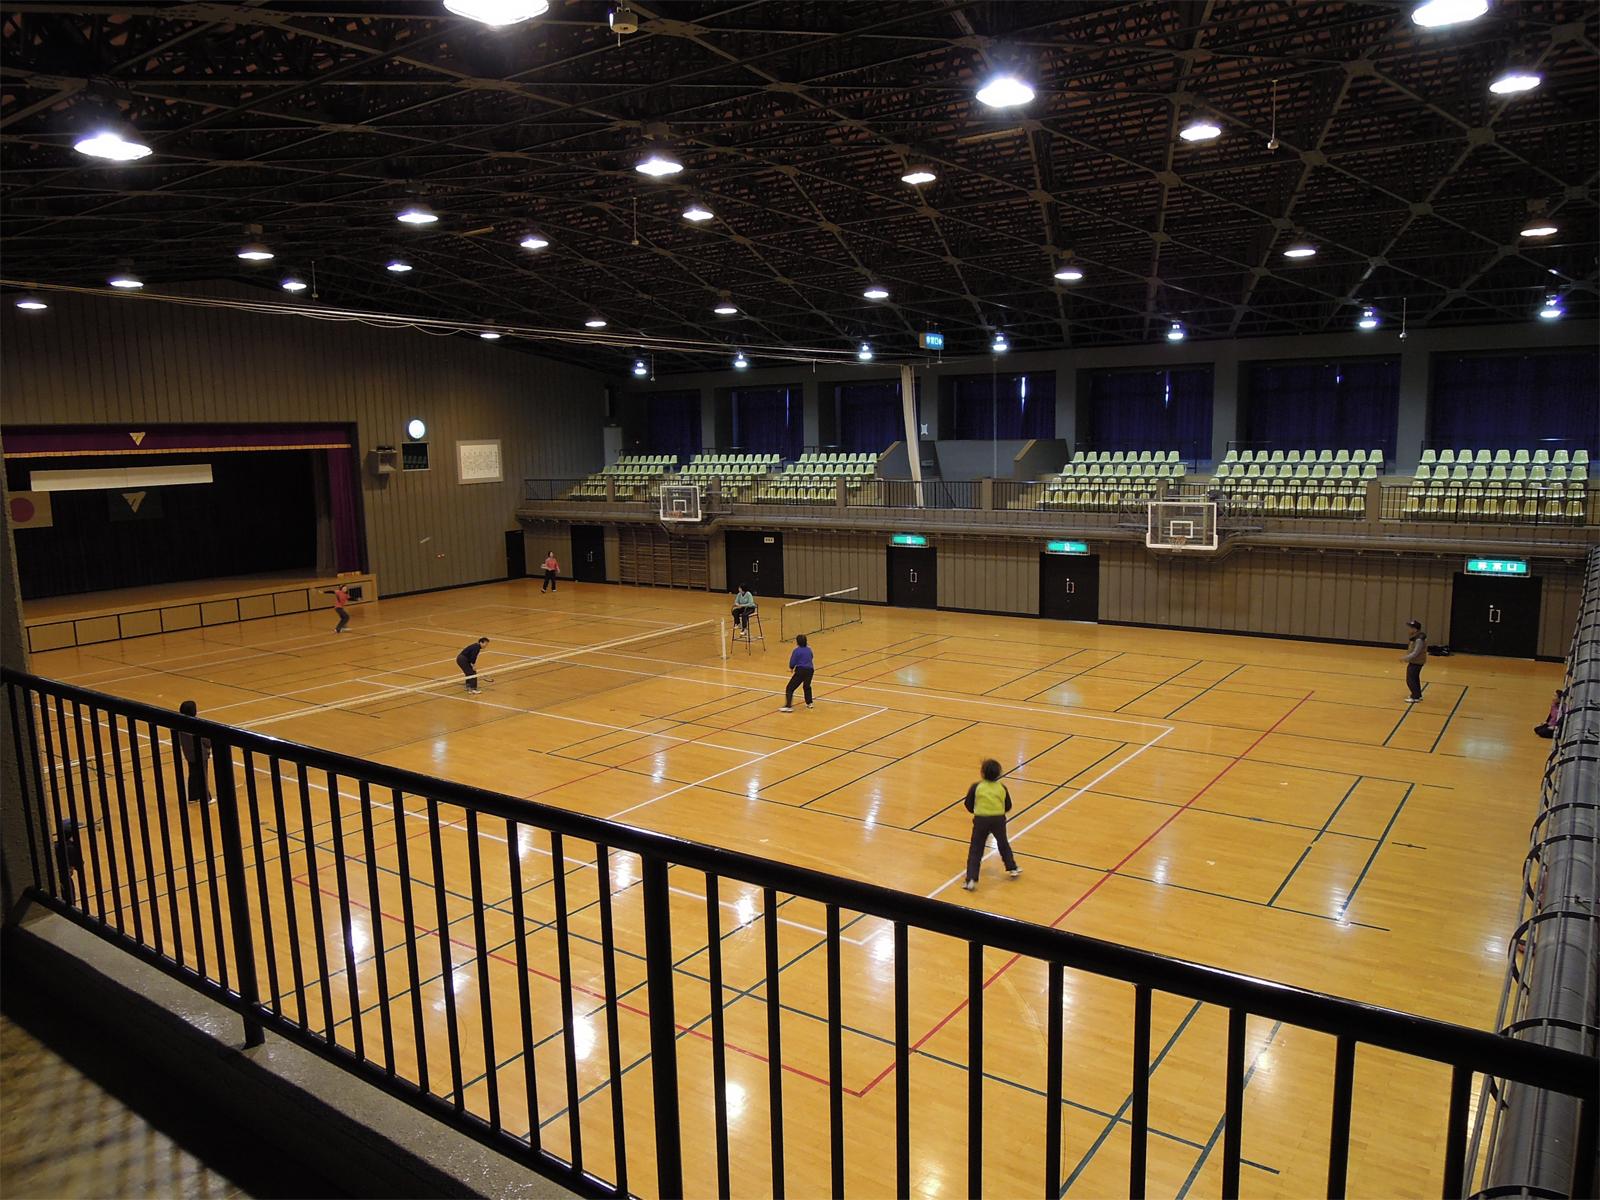 大潟村村民体育館|秋田県スポーツ情報ステーション